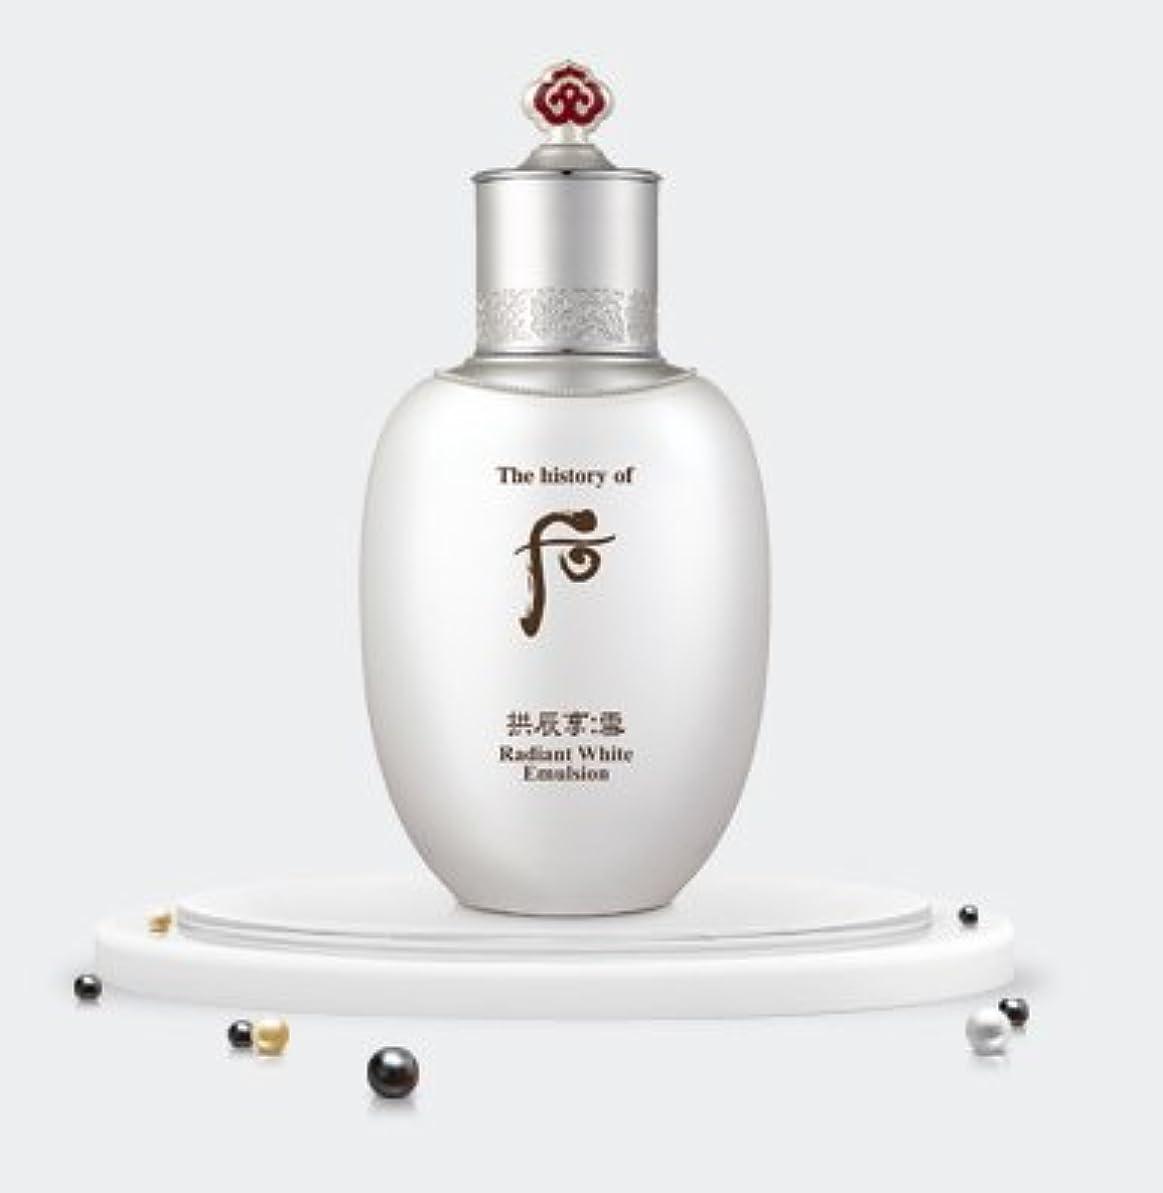 耐えられる基準有力者The History of Whoo Gongjinhyang: Seol Whitening Lotion 110ml K-beauty[並行輸入品]